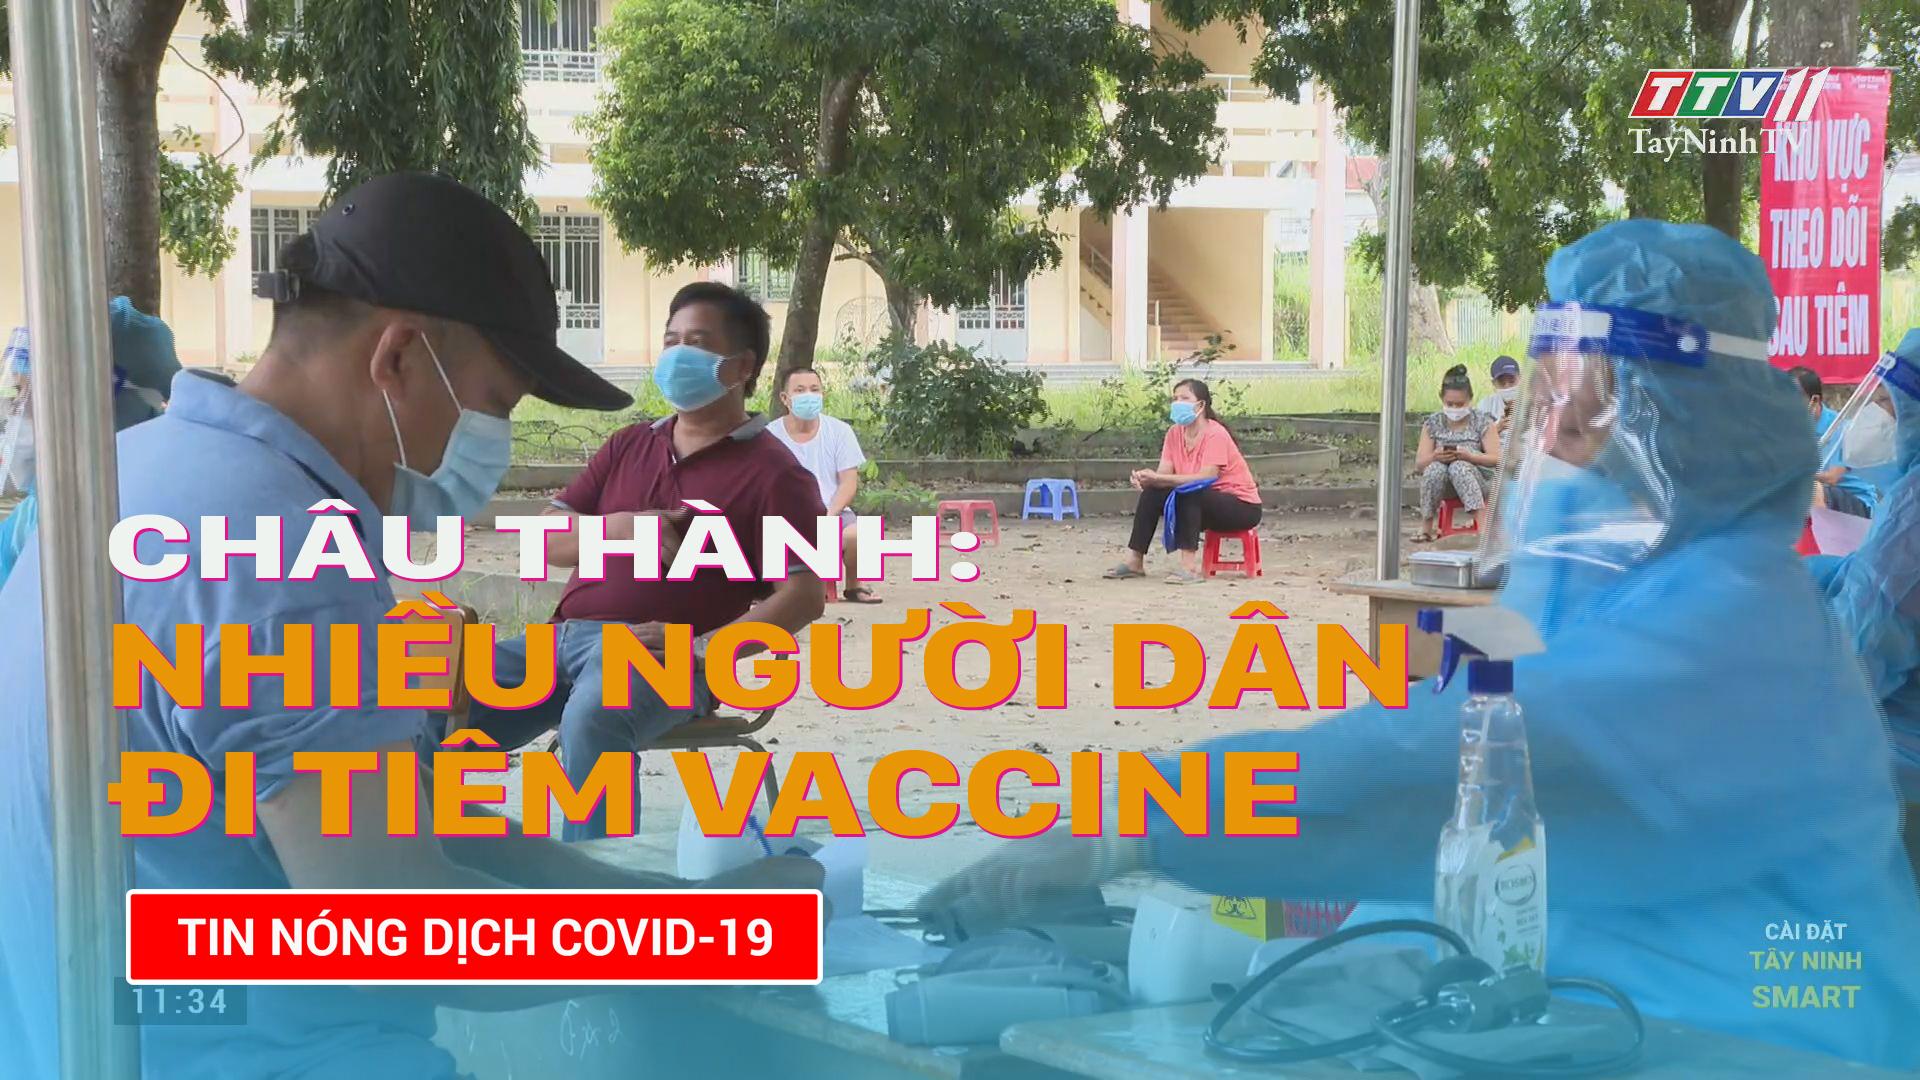 Châu Thành: nhiều người dân đi tiêm vaccine | TayNinhTV